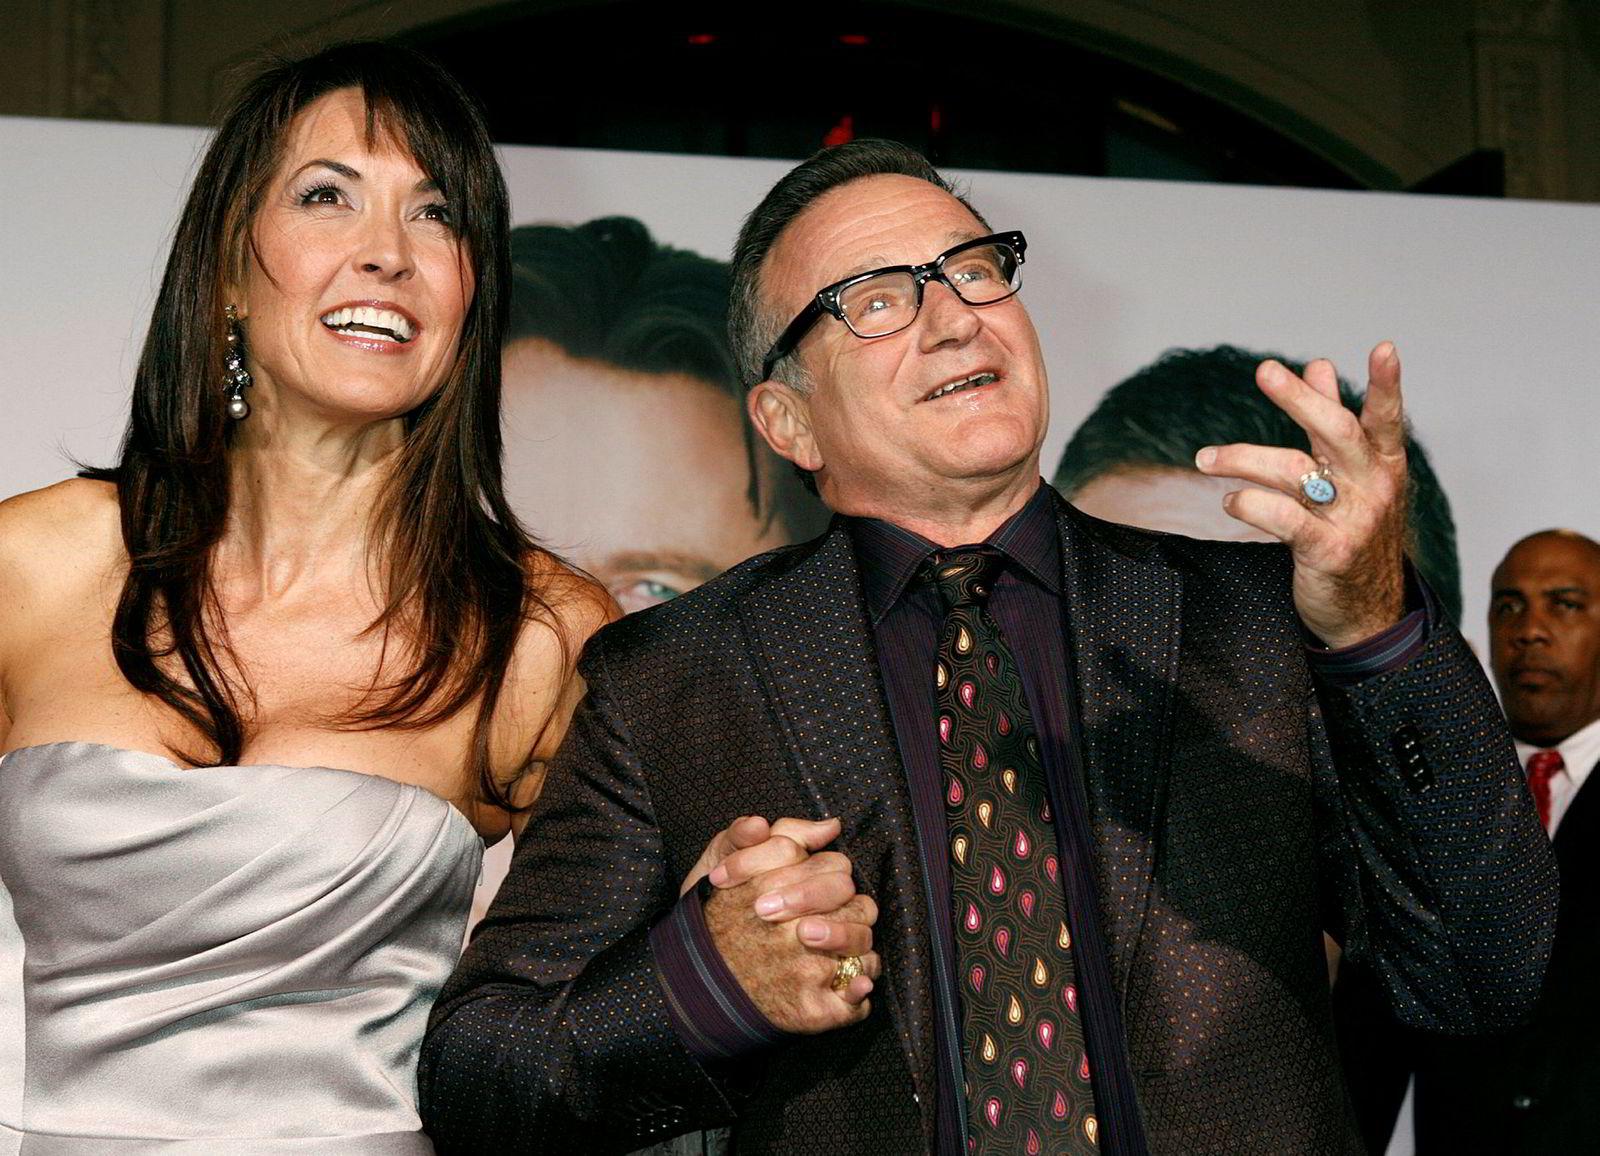 Susan Schneider beskrev demens med Lewy-legemer som «terroristen i min manns hjerne», og fikk først vite hva som plaget Robin Williams etter at hadde tatt sitt eget liv i 2014. Her er paret fotografert under en filmpremiere i 2009, før sykdommen slo inn.